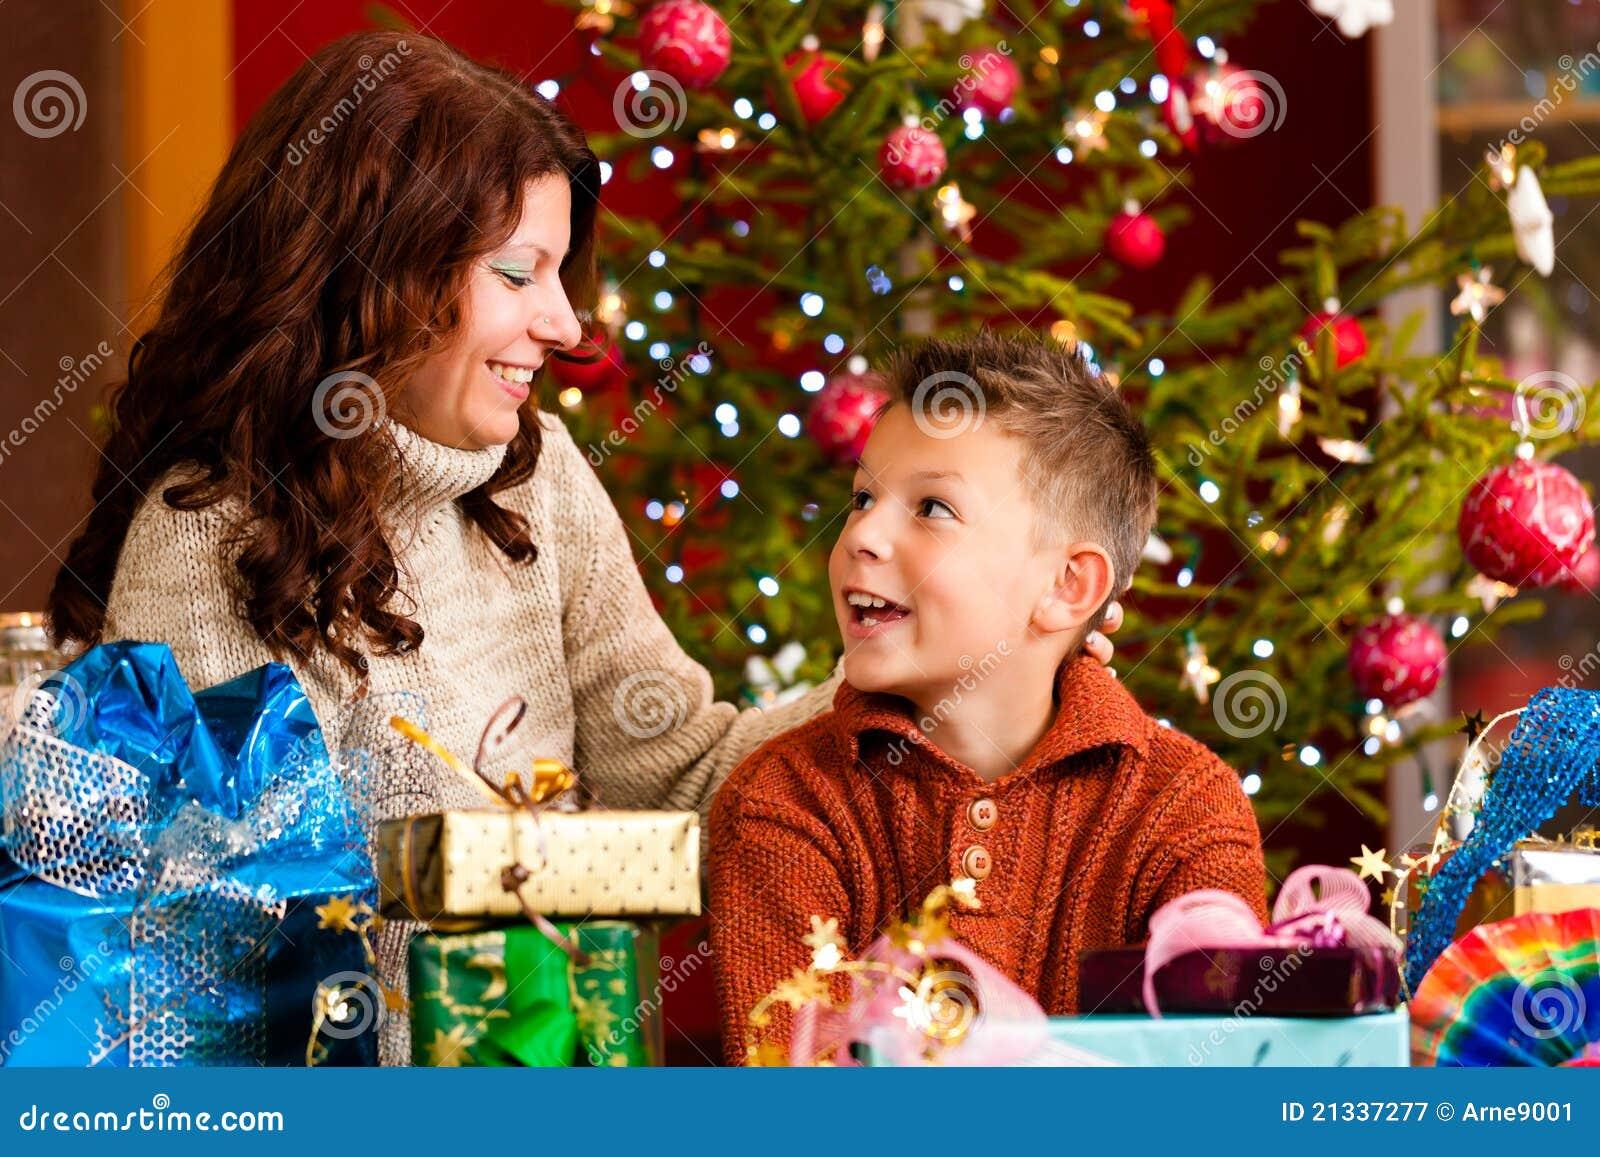 weihnachten familie mit geschenken auf weihnachten eve. Black Bedroom Furniture Sets. Home Design Ideas